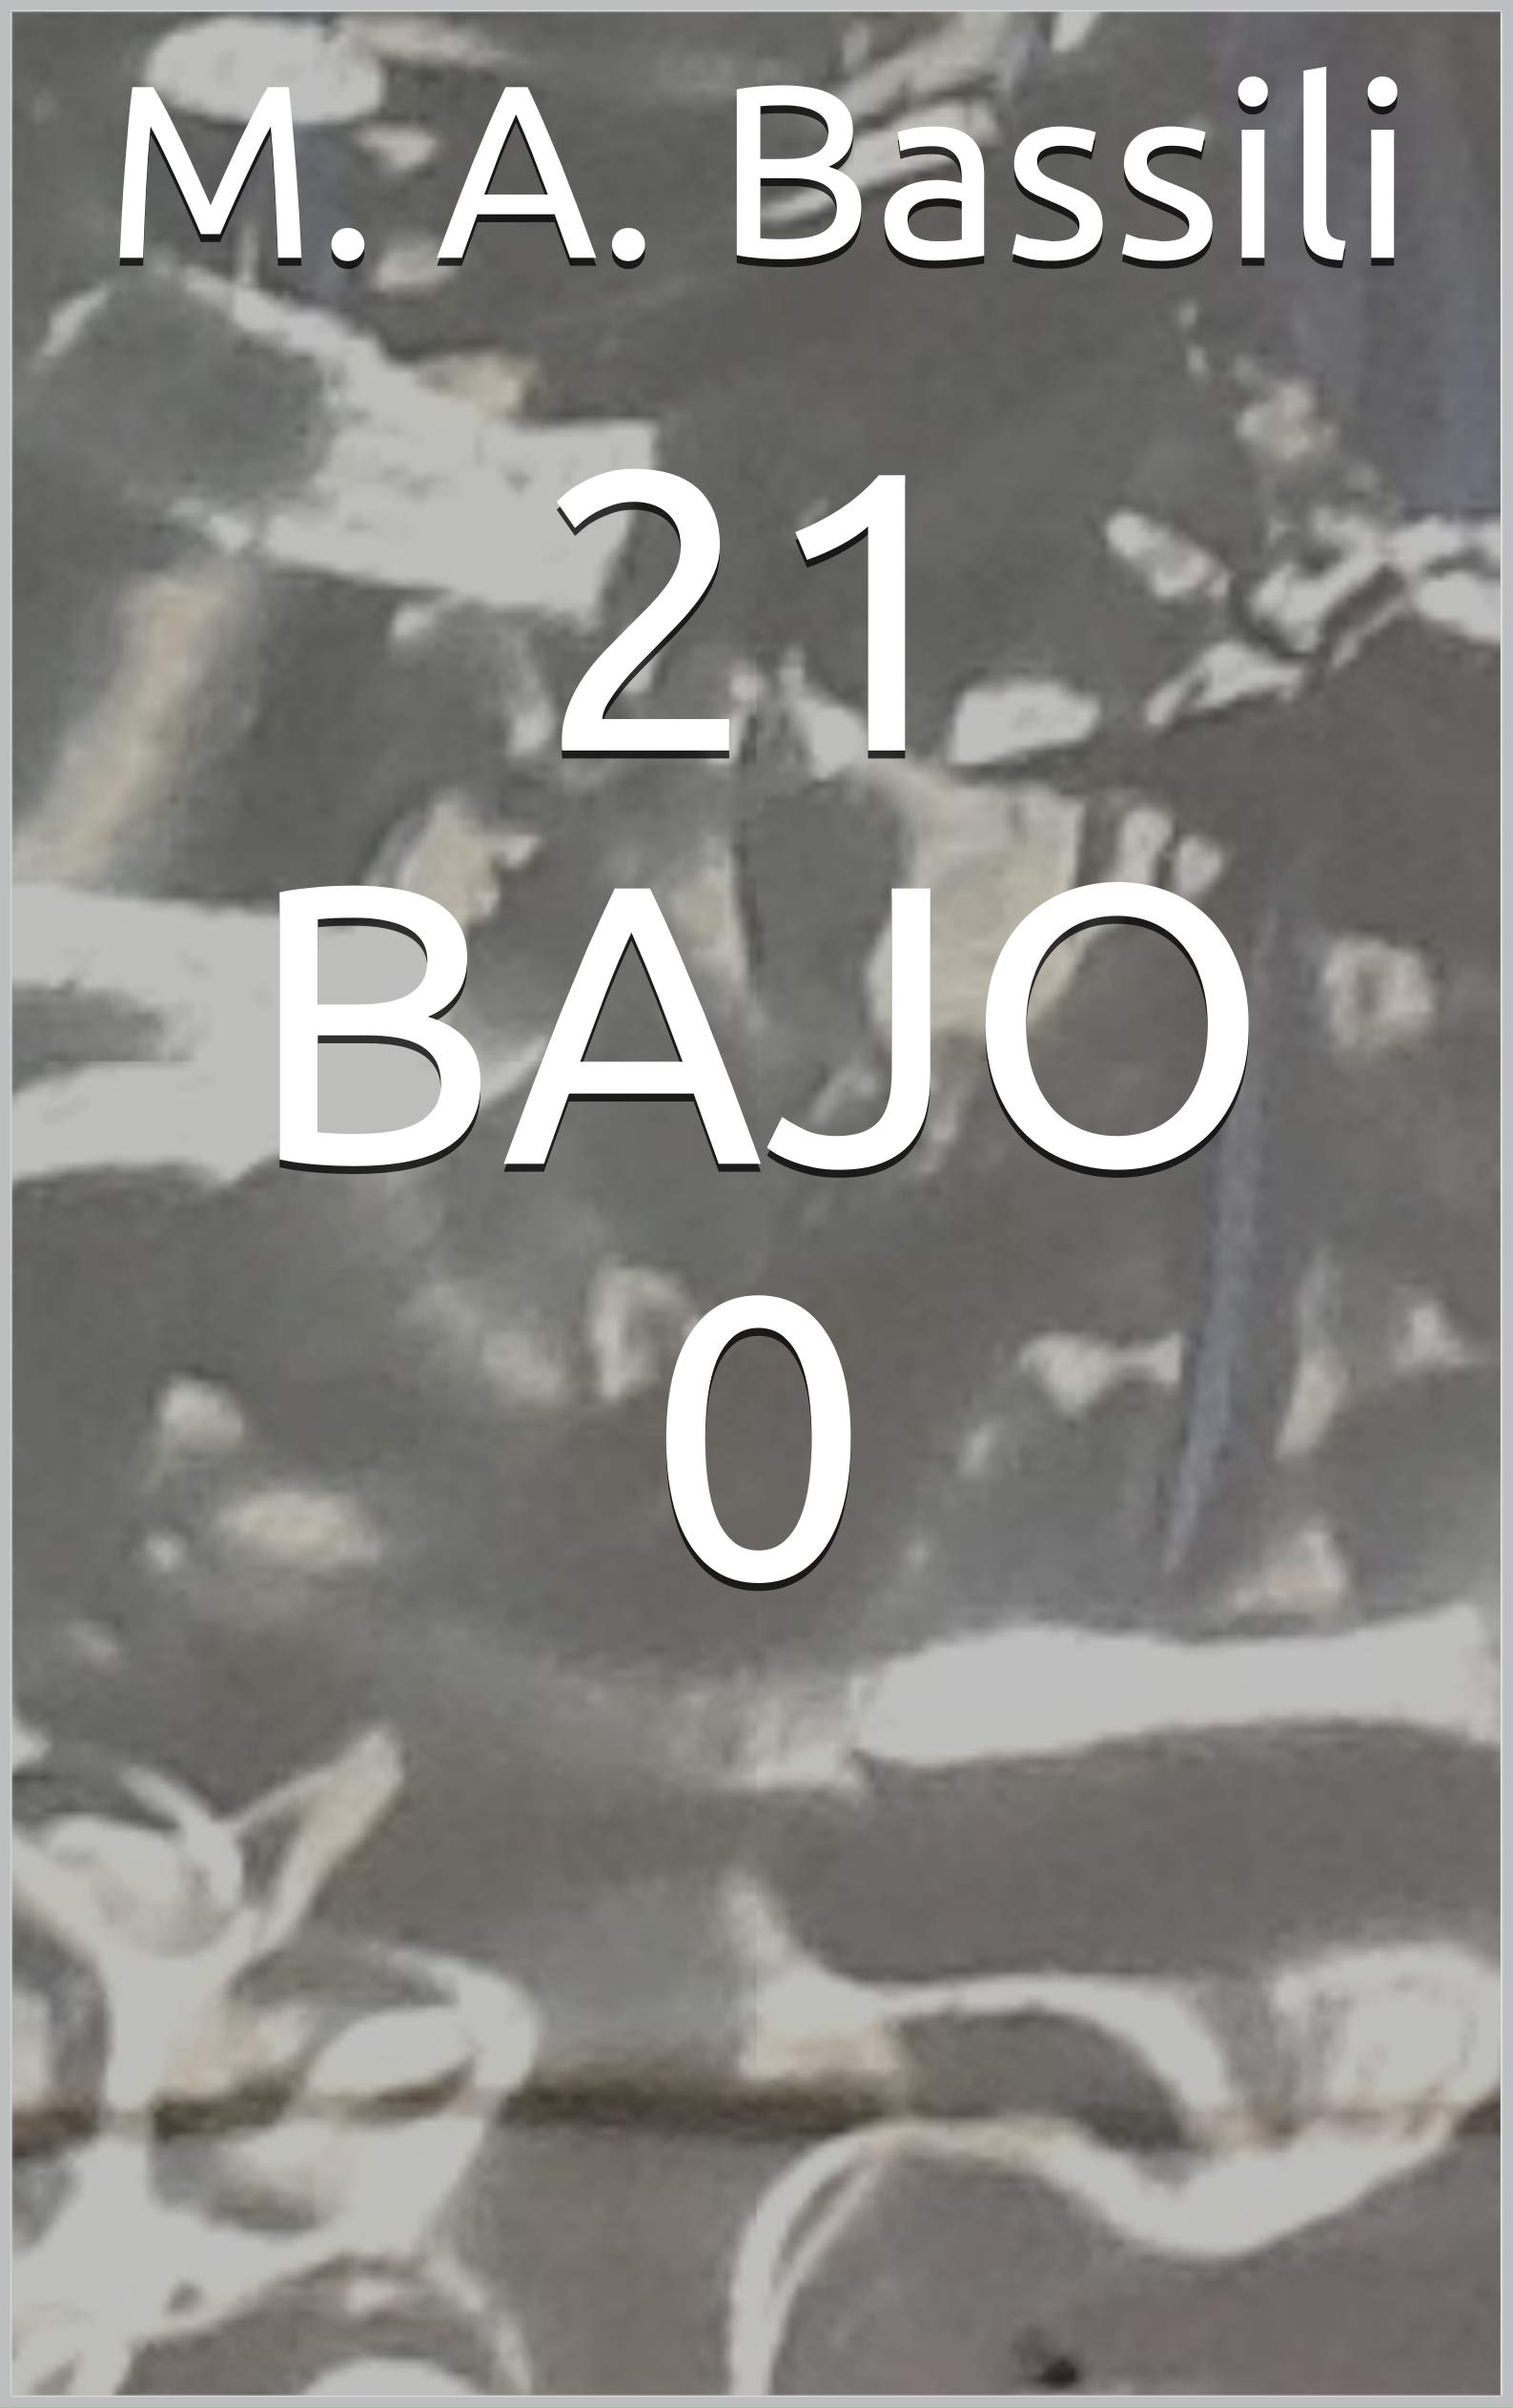 21 bajo 0 por M. A. Bassili